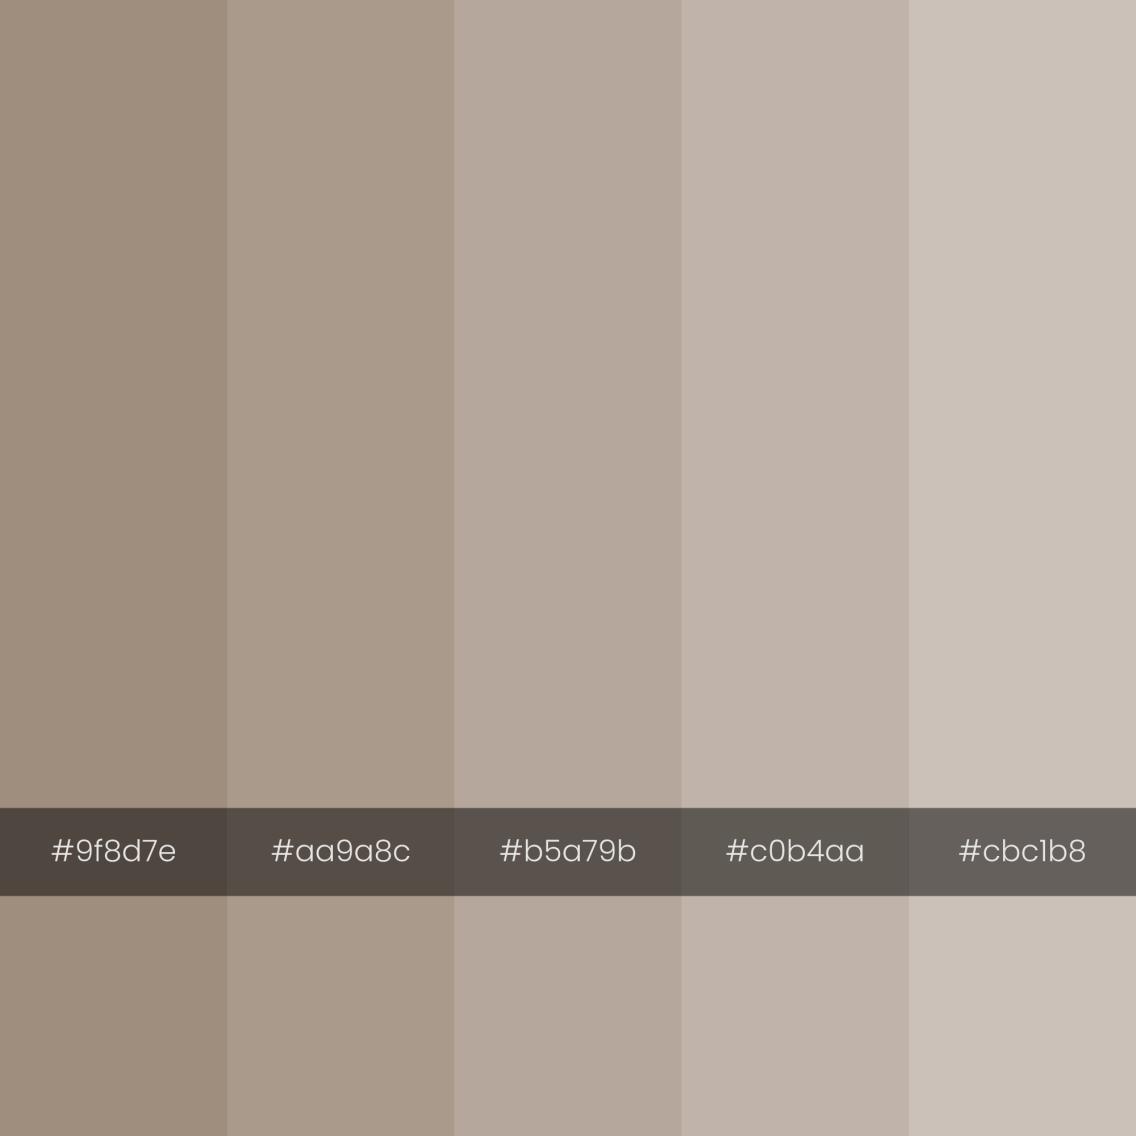 color-palette-2000-2000-cave-dust-monochrome